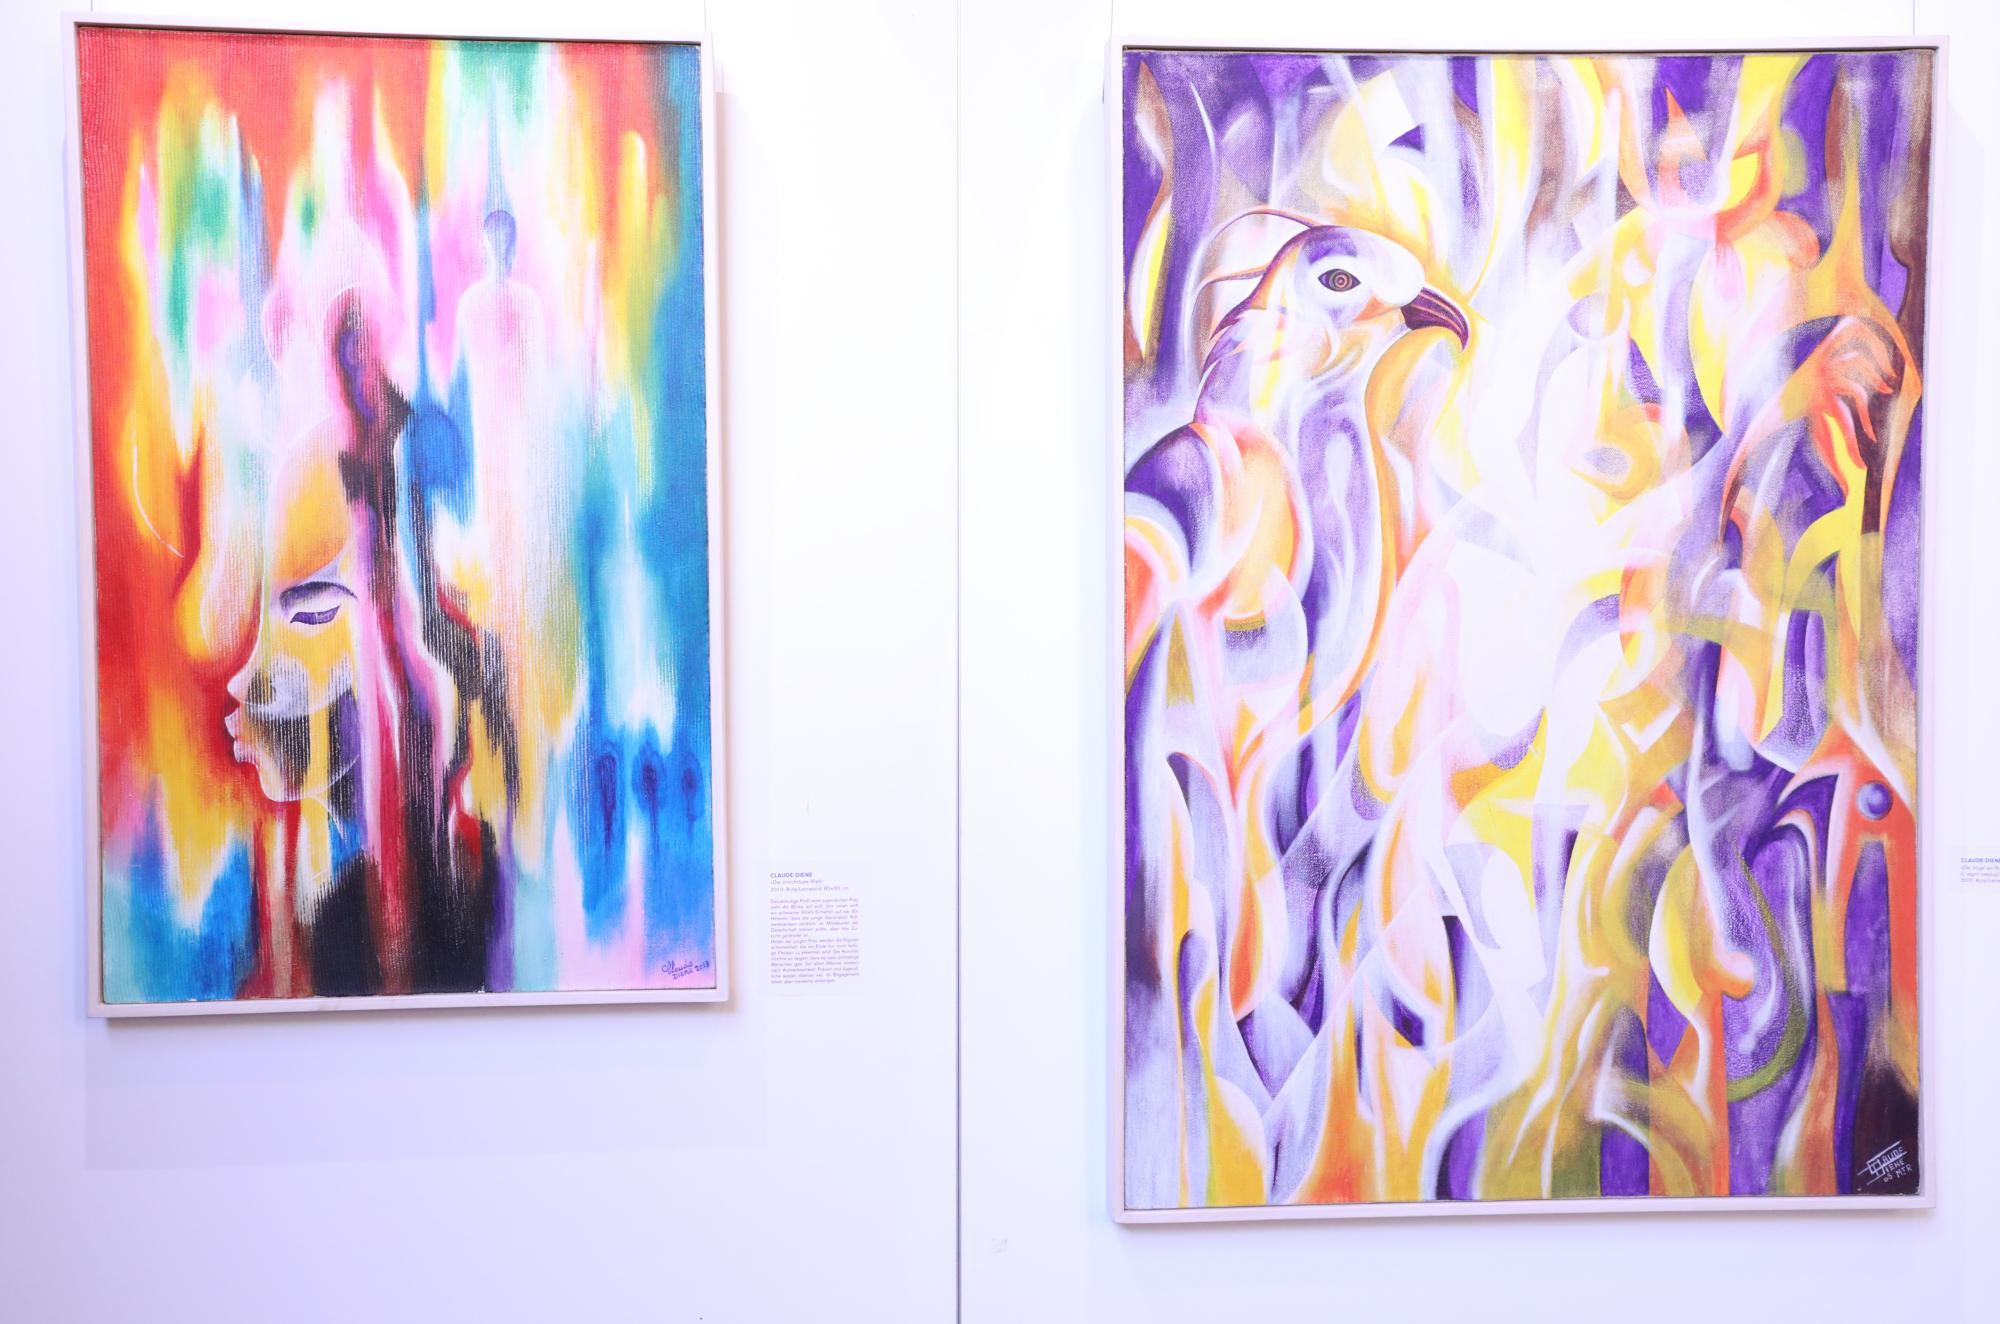 201004 Ausstellung Farben Senegal 13